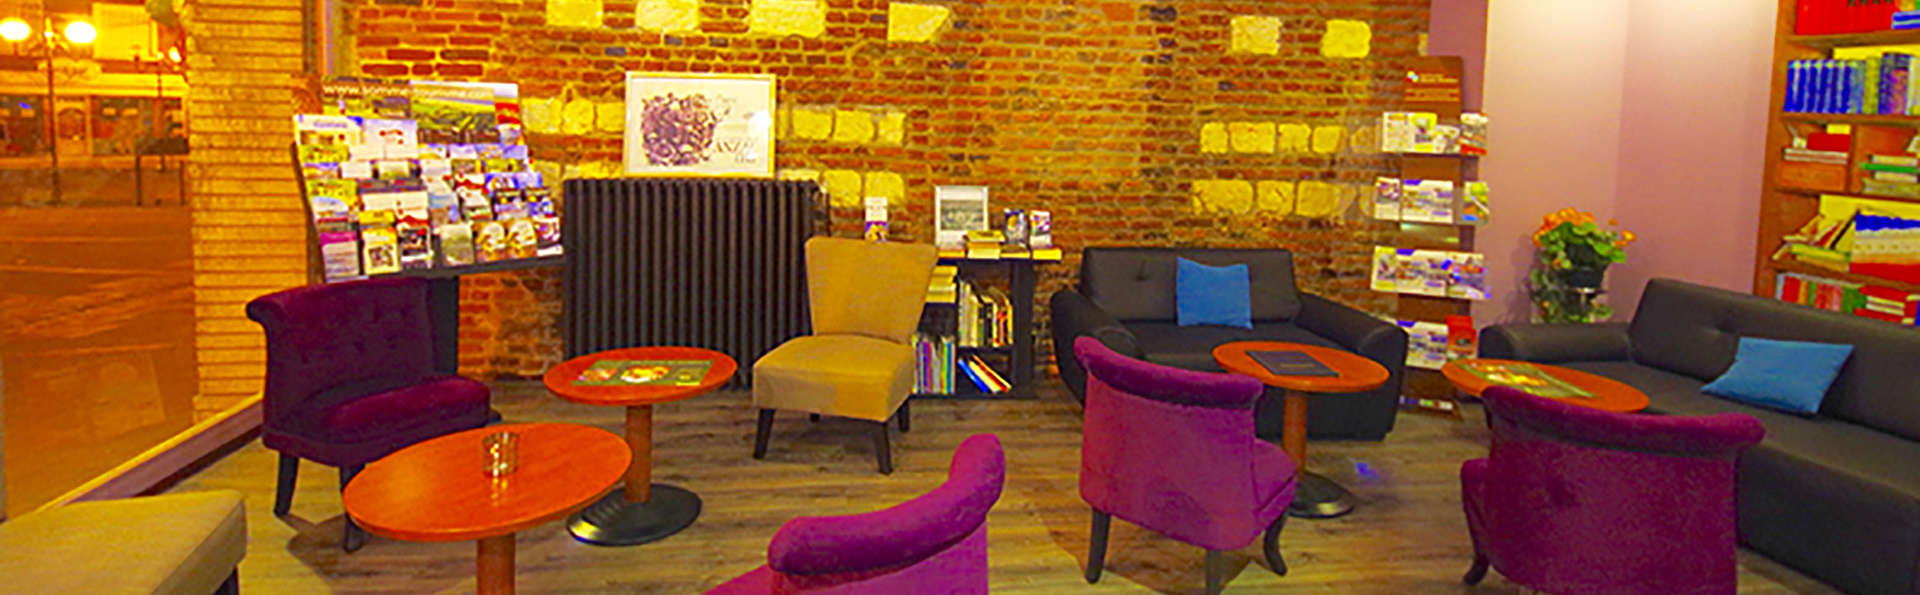 Best Western Hôtel*** Le Saint Claude - EDIT_lobby.jpg